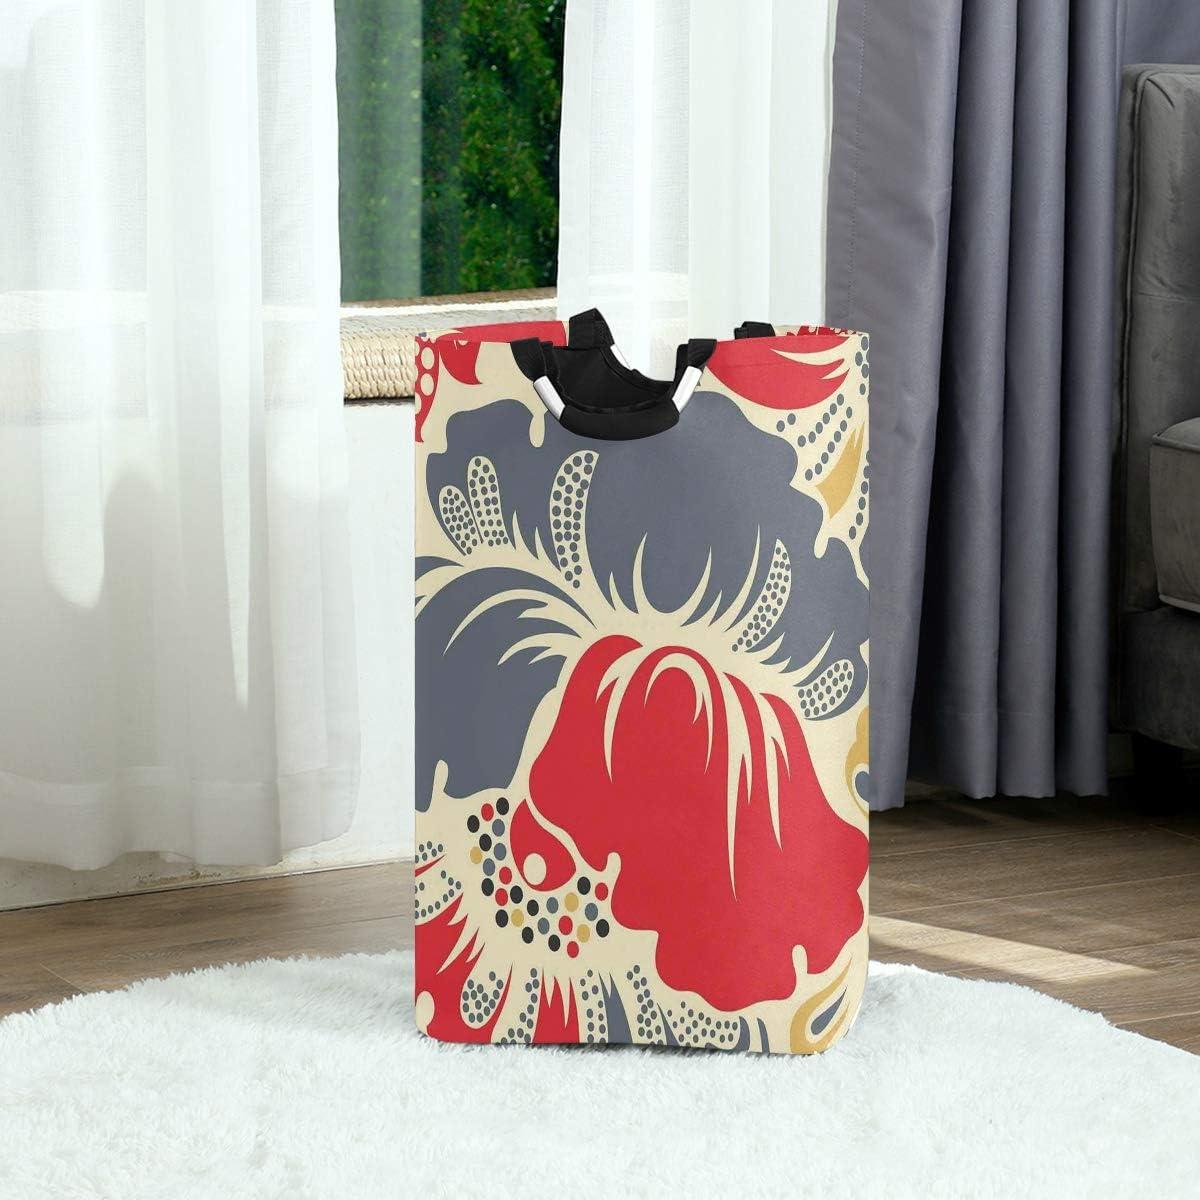 YCHY Panier à Linge Pliable,Branches de Fleurs de Prune Chinoises Motif bohème Zen Oriental Oriental,Sale Sac à Linge Poubelle Organiseur de Rangement pour Jouets 6